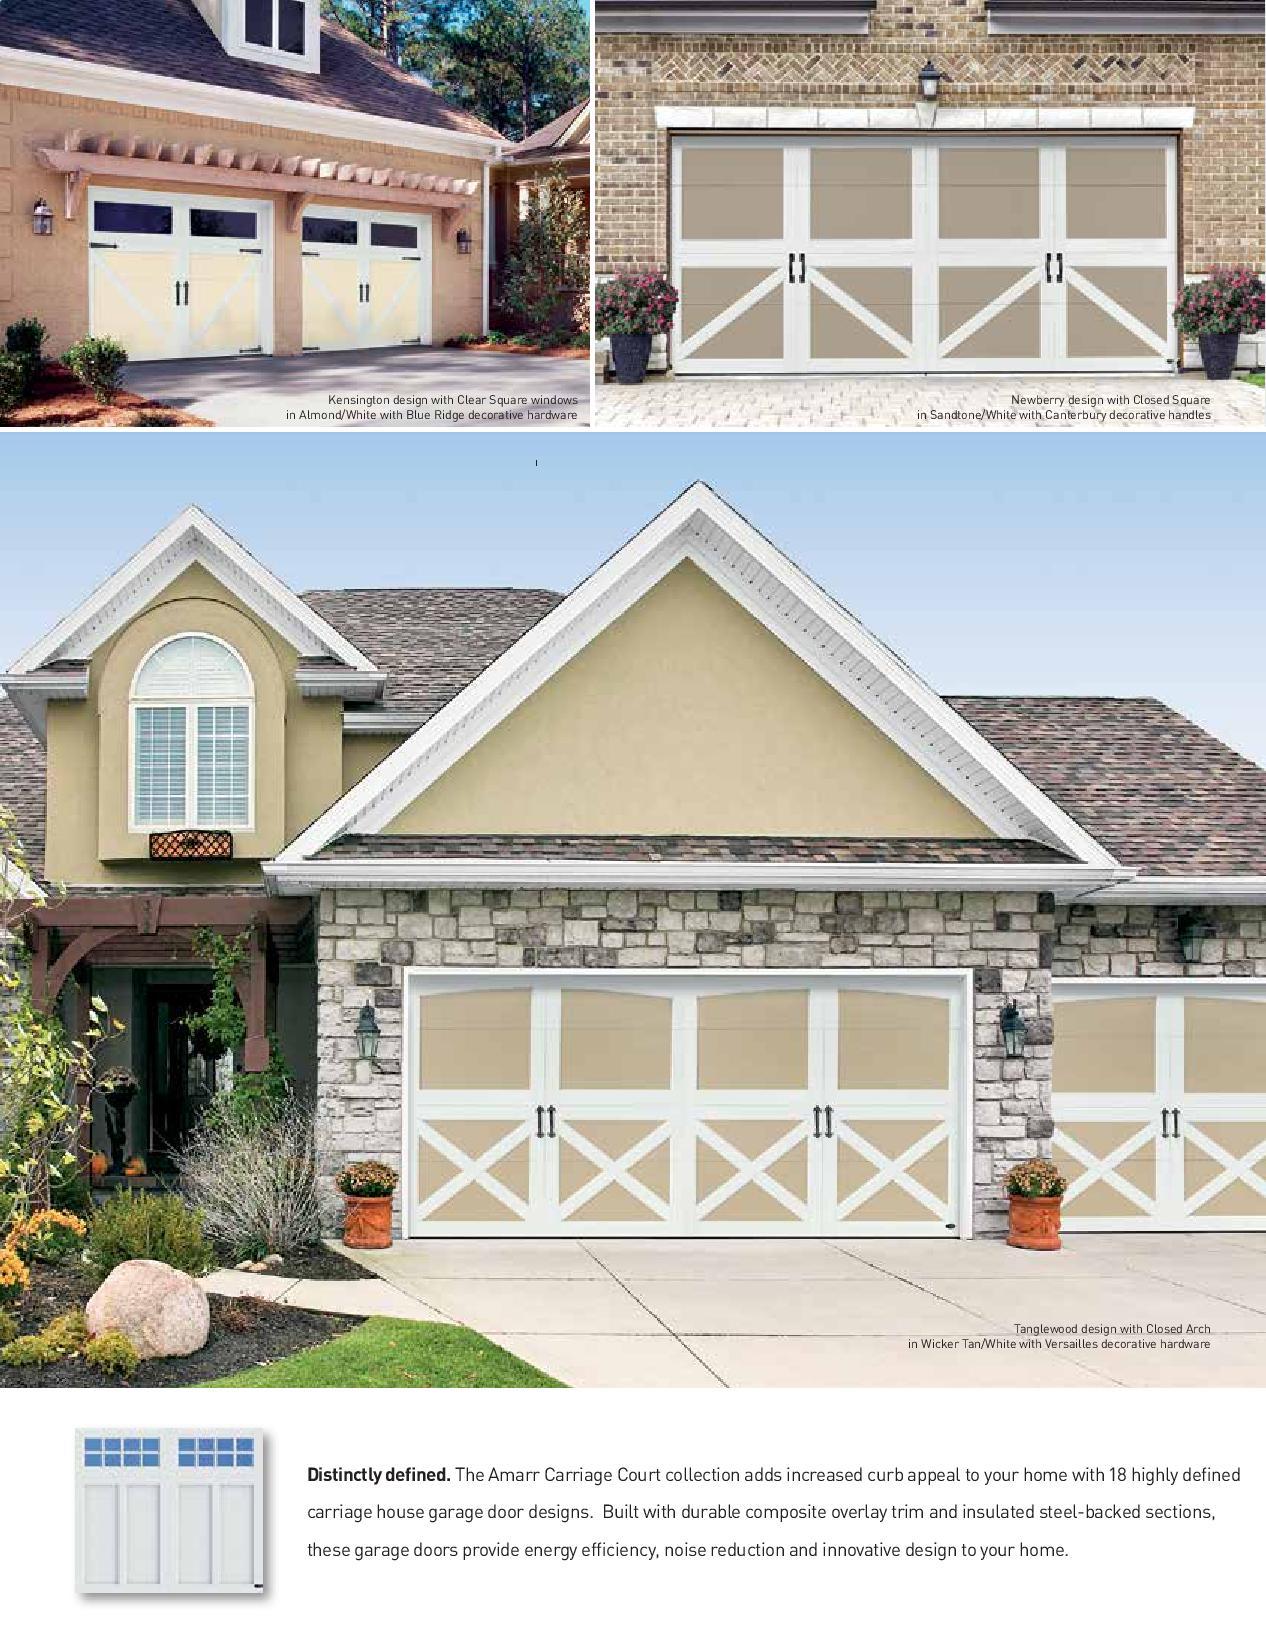 Garage doors for sale in Calgary